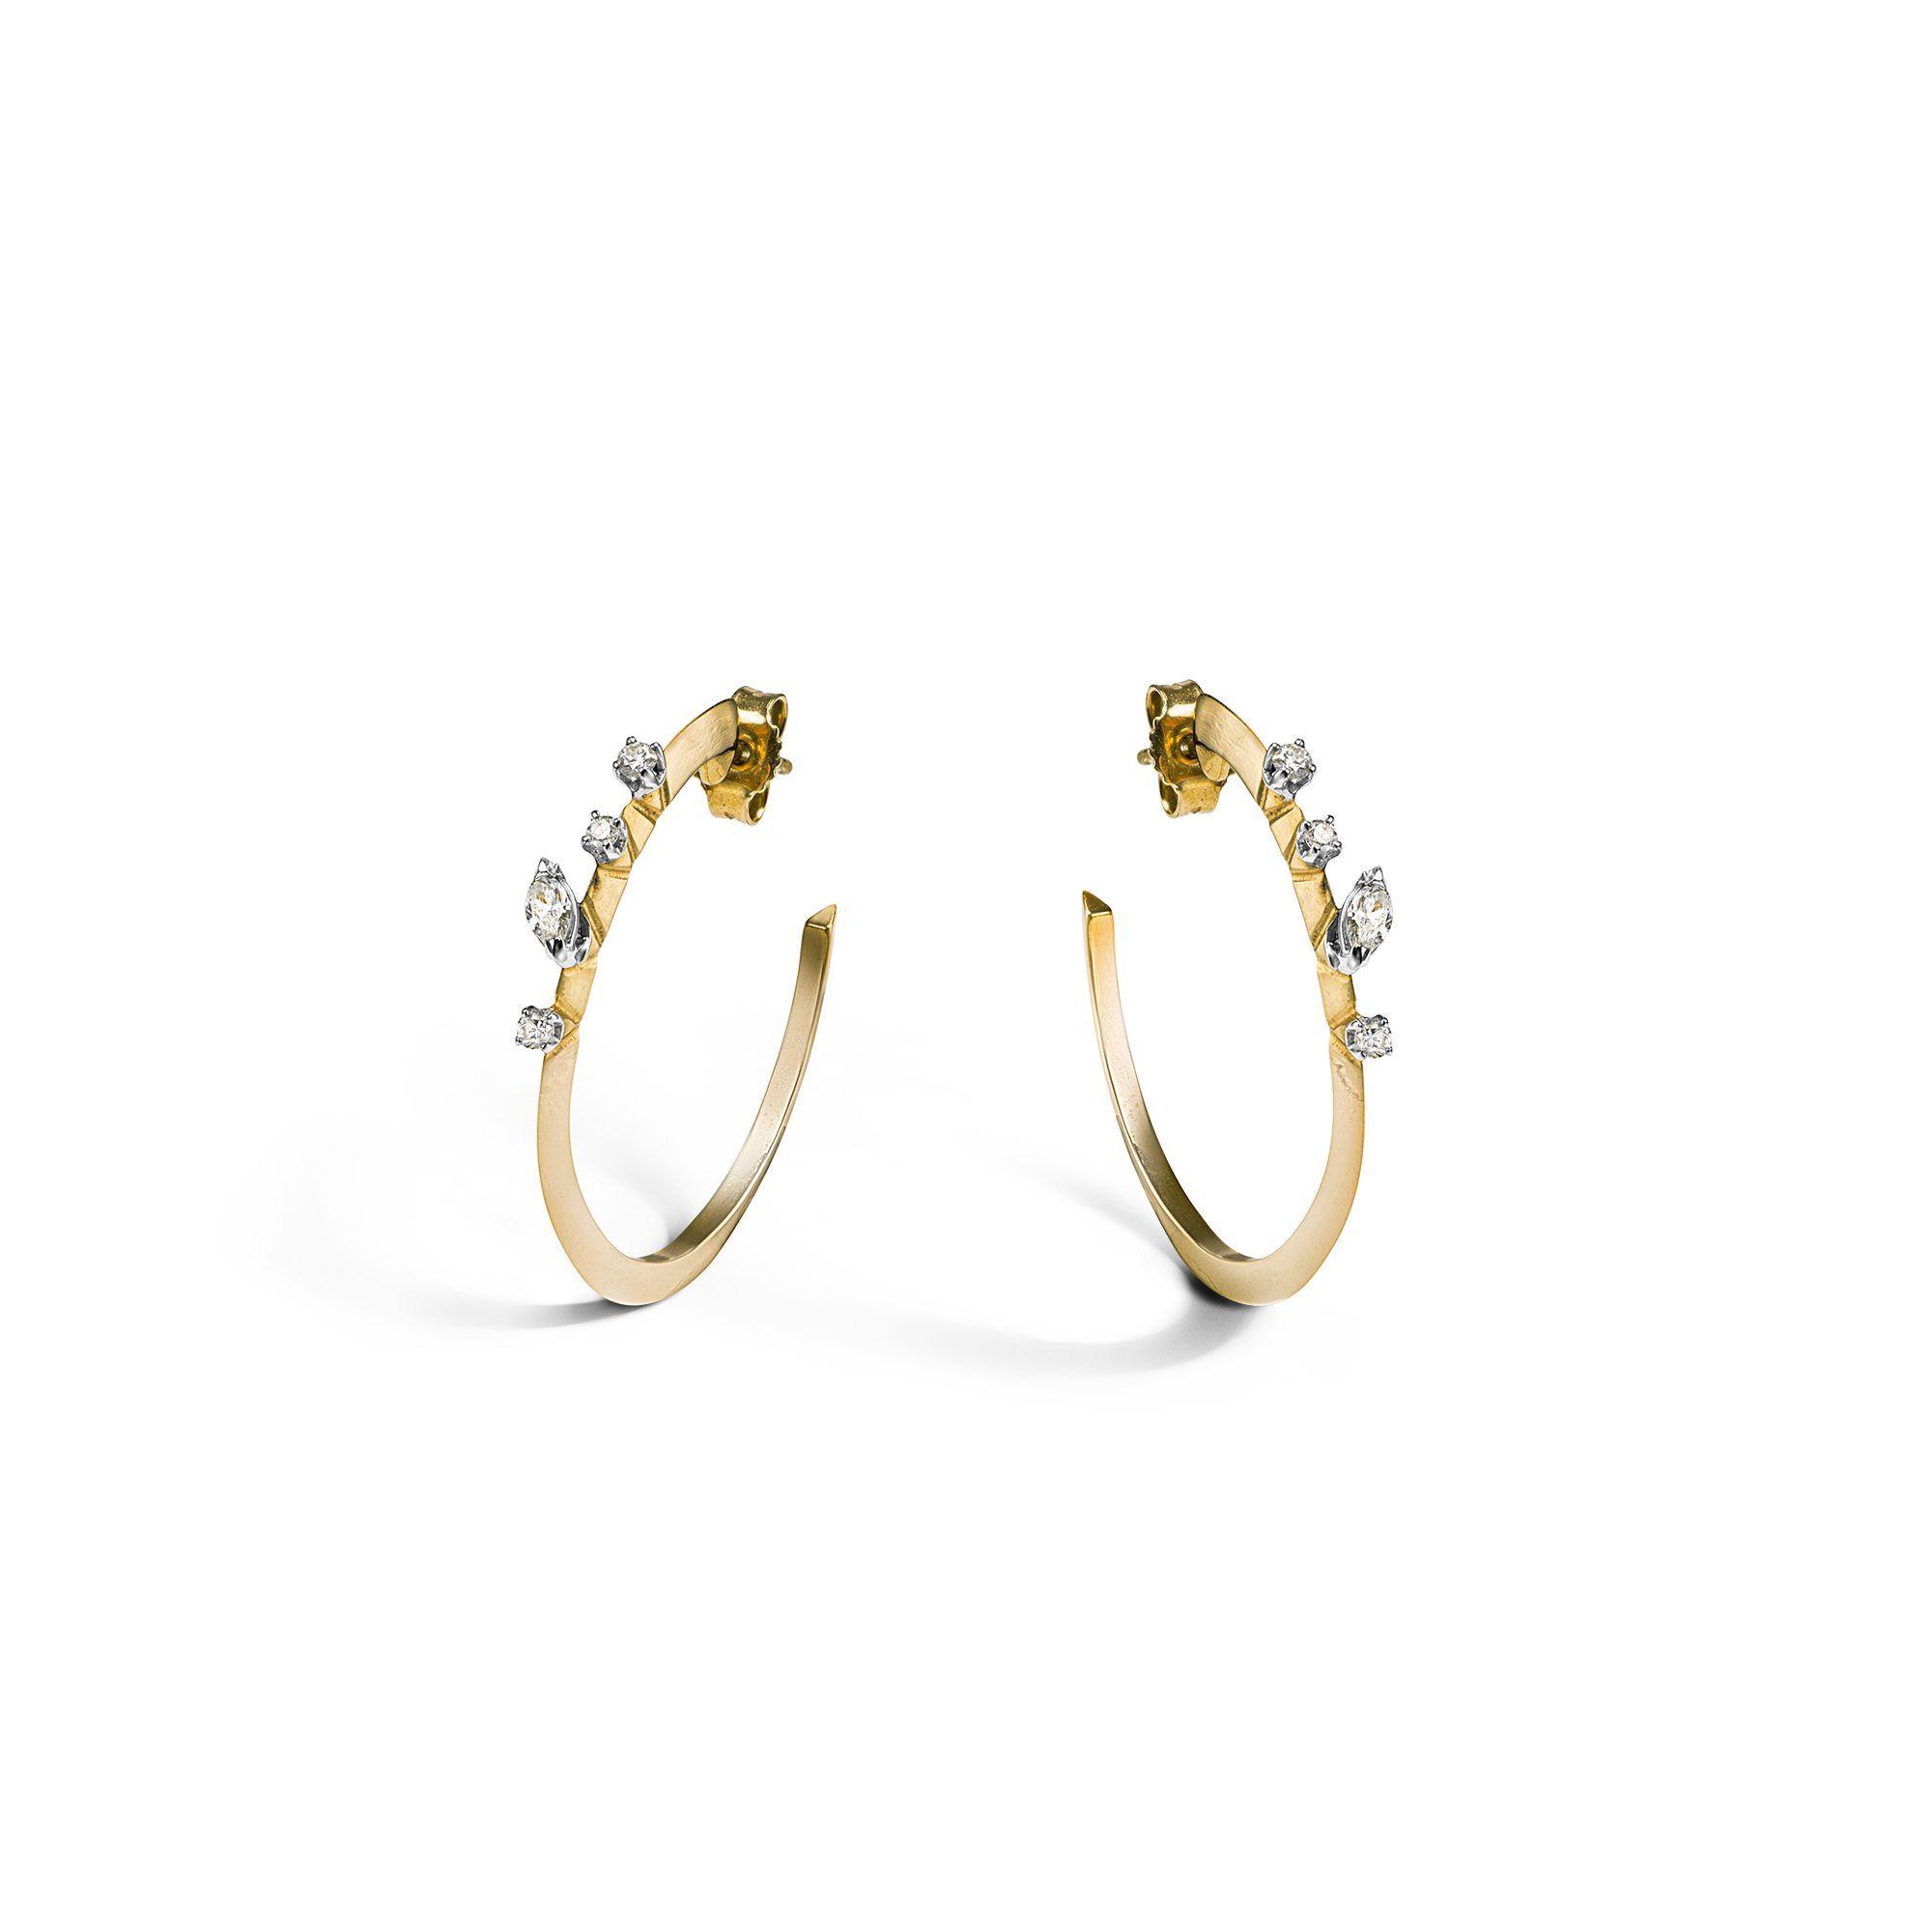 Yellow 'Balance' hoop earrings Yellow gold medium hoop earrings with diamonds